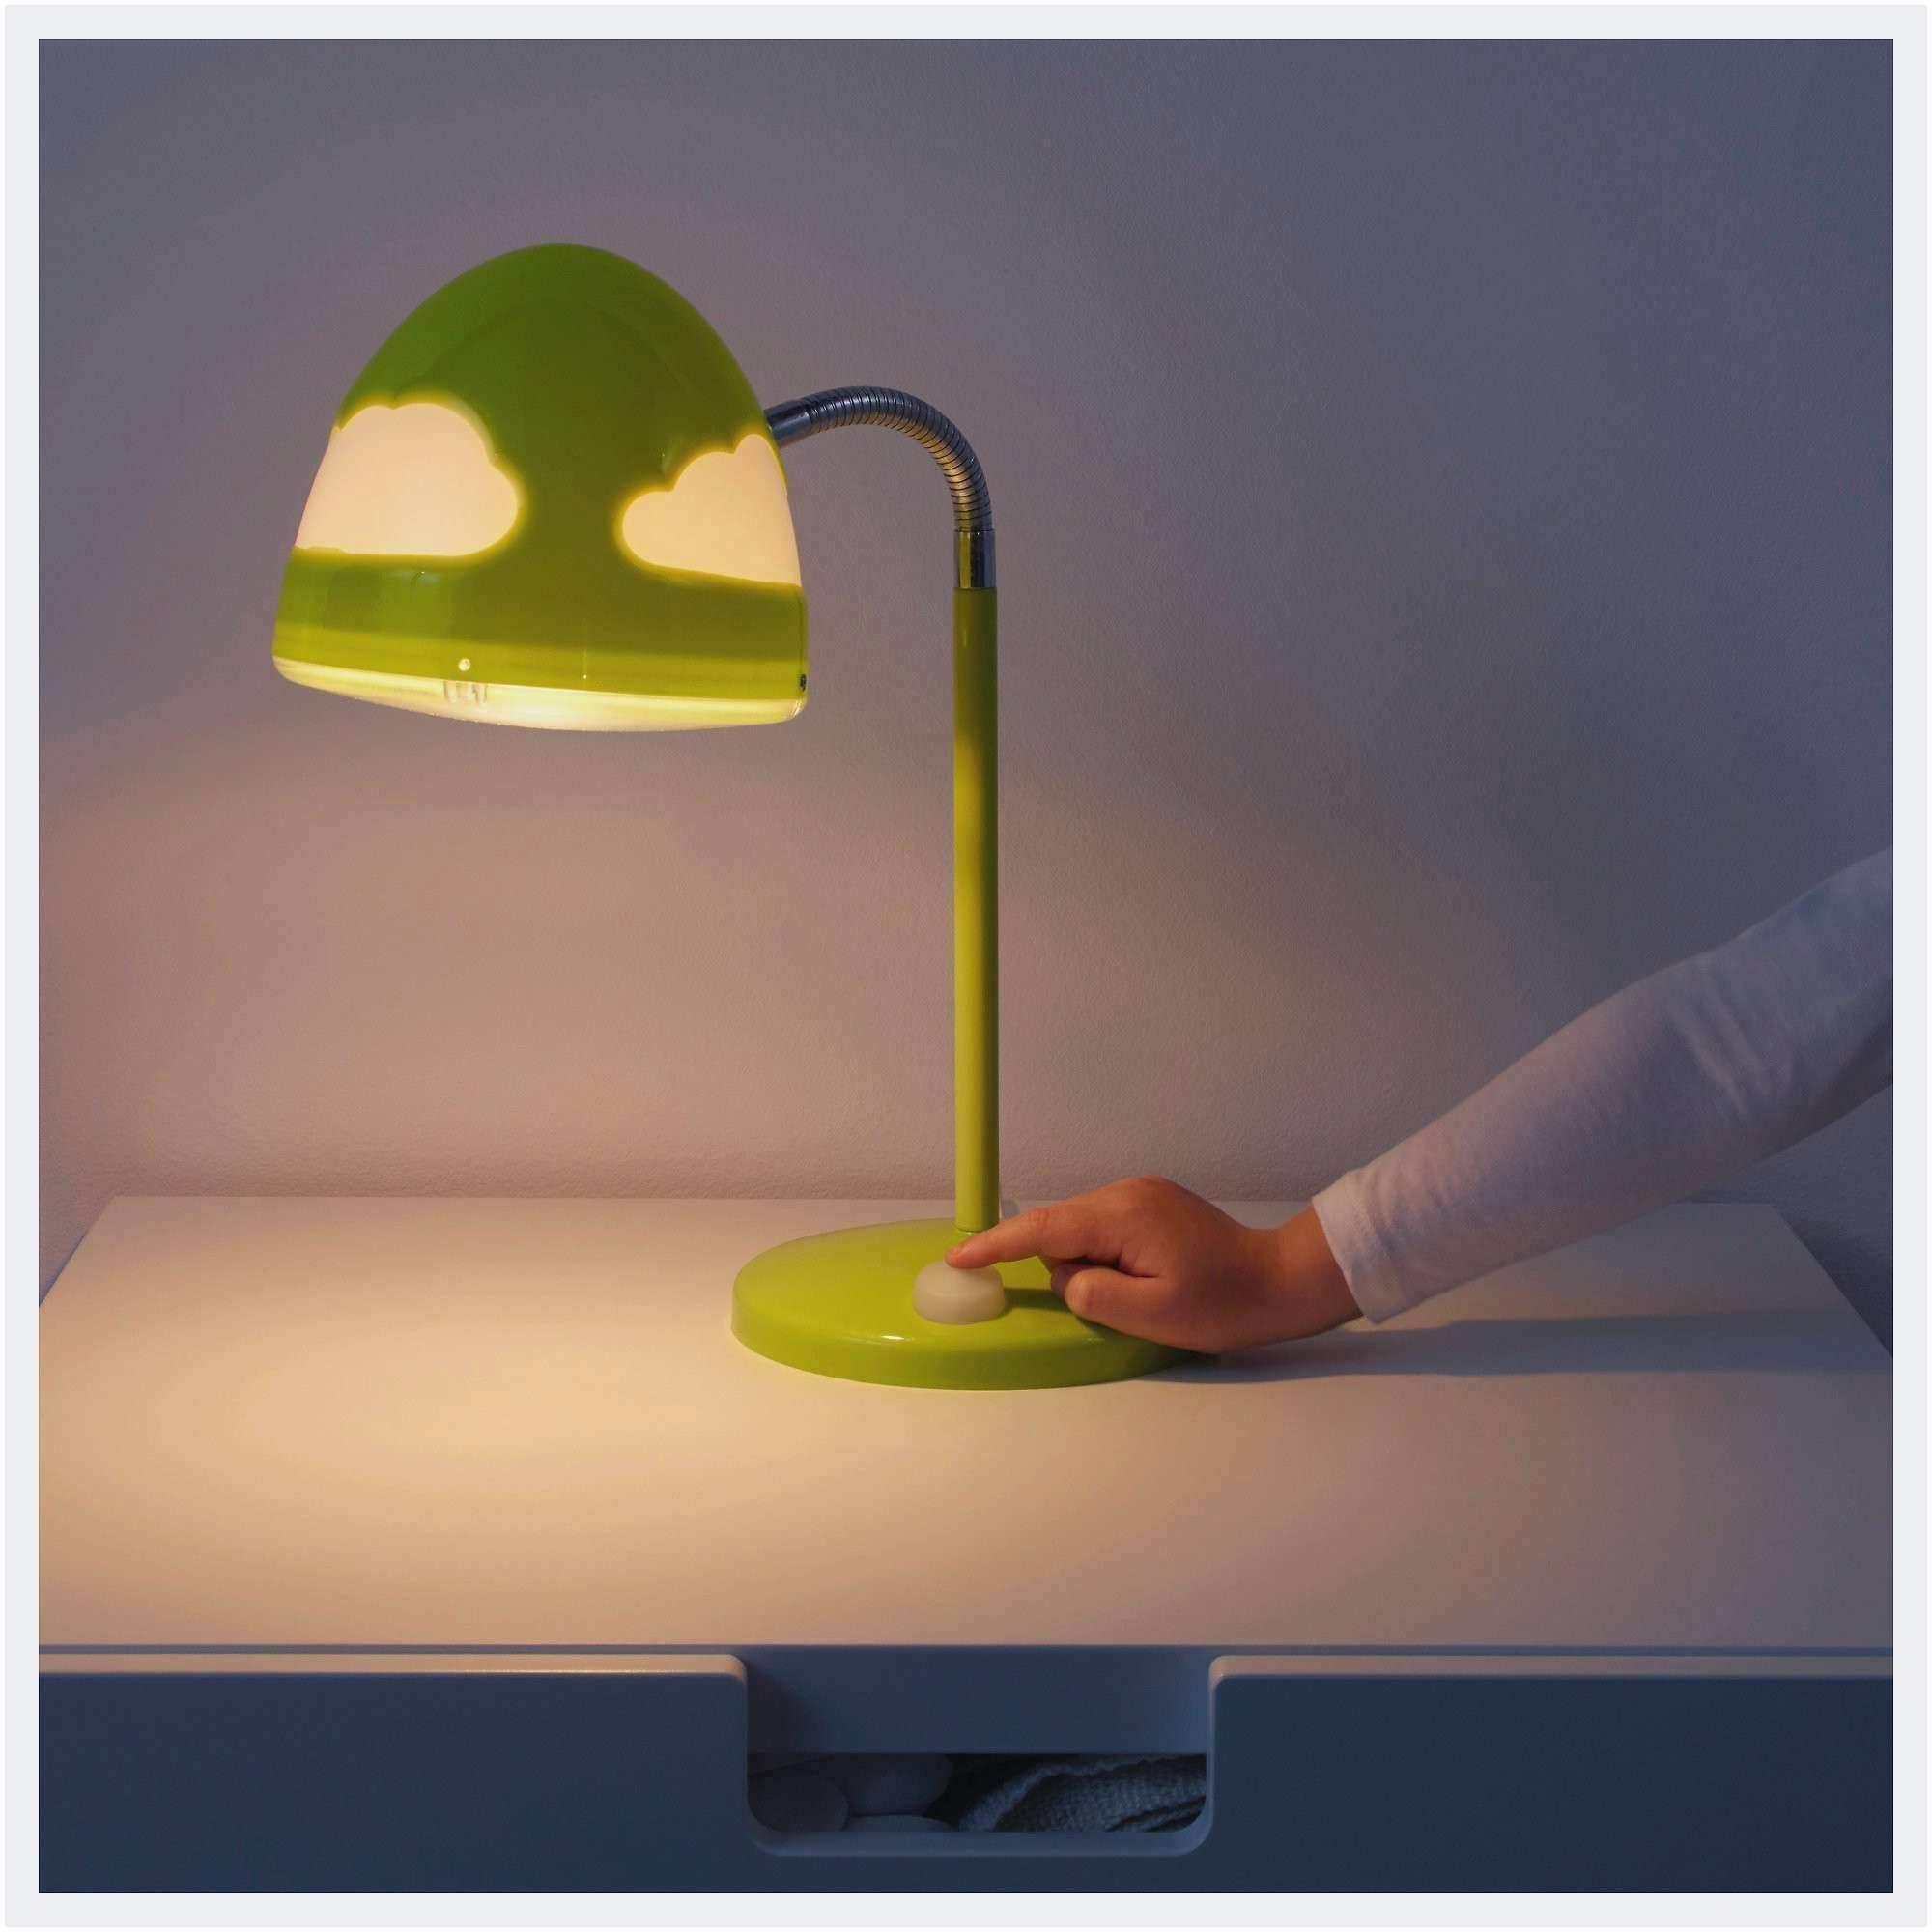 led lampe esstisch frisch led beleuchtung garten neu elegant esstisch eiche metall of led lampe esstisch